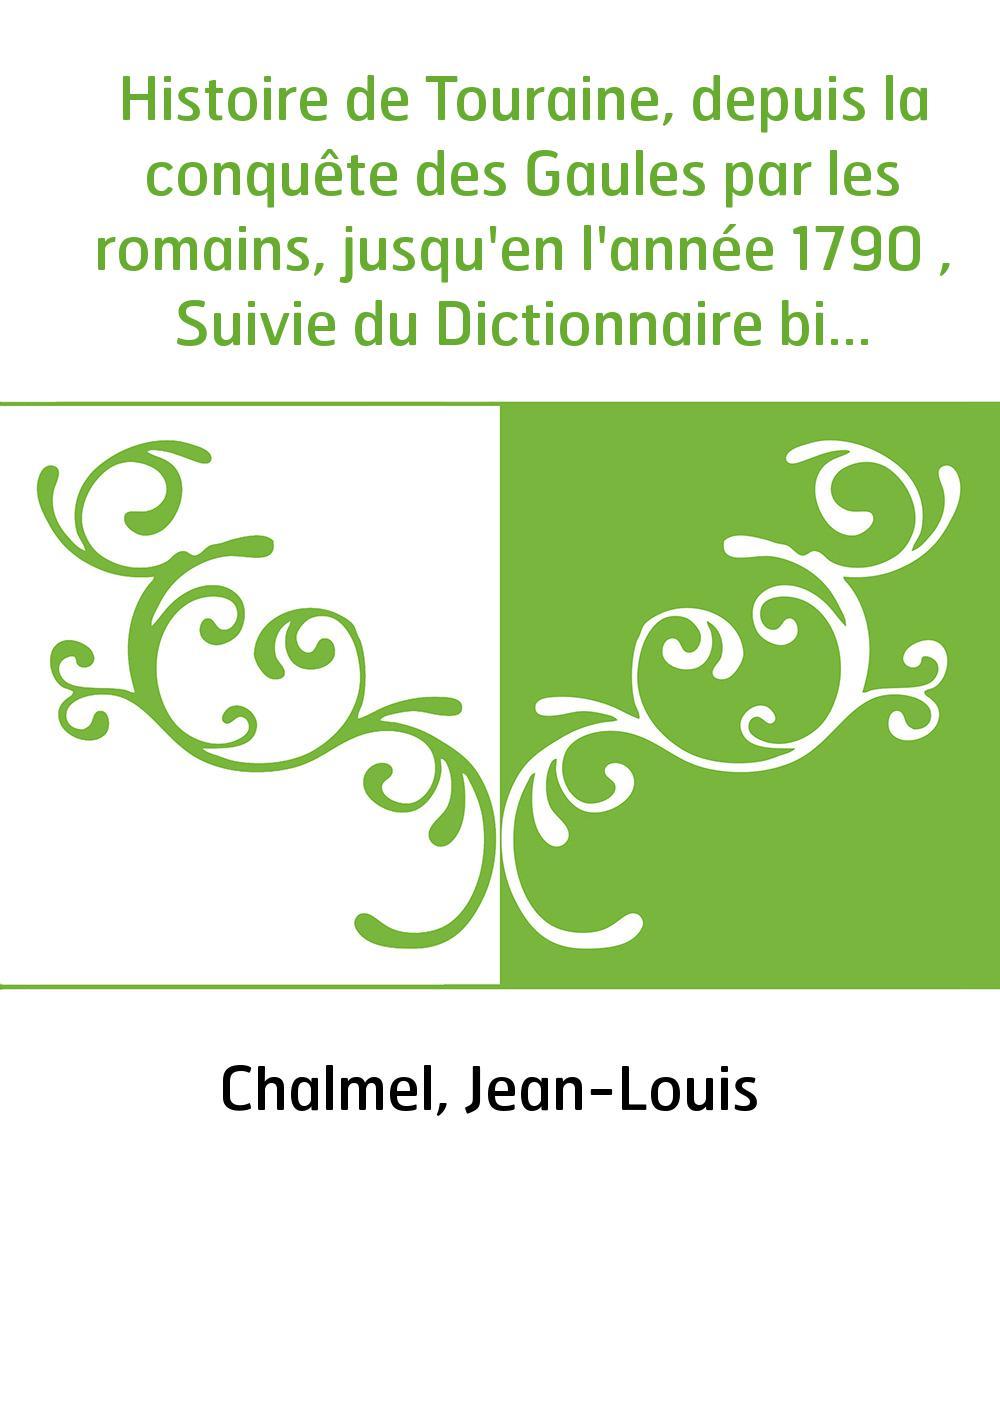 Histoire de Touraine, depuis la conquête des Gaules par les romains, jusqu'en l'année 1790 , Suivie du Dictionnaire biographique